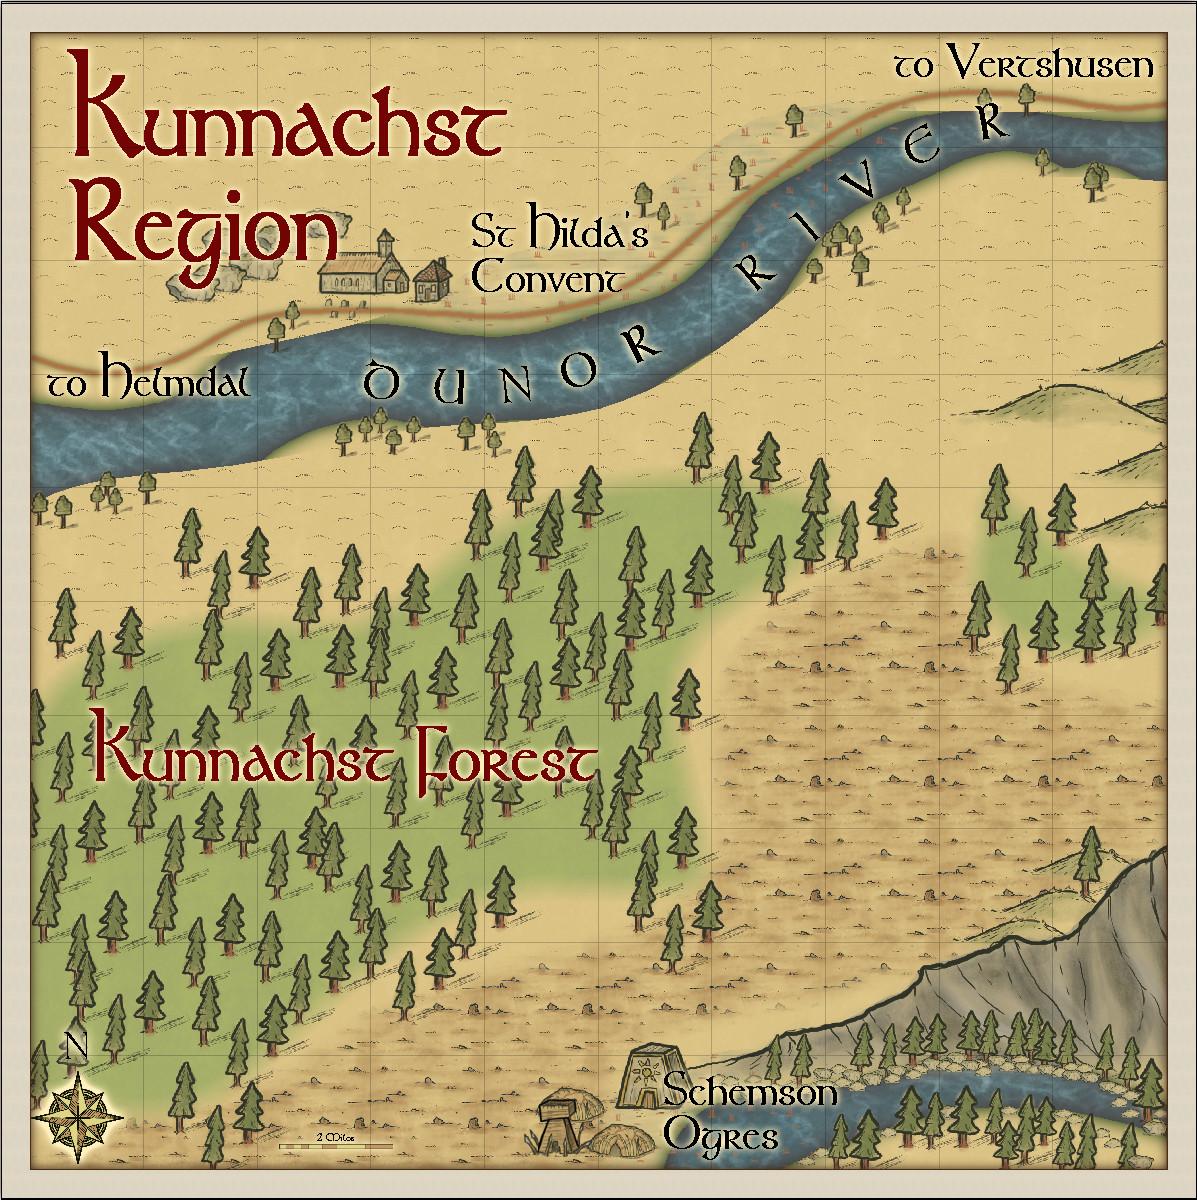 Kunnachst Region.JPG